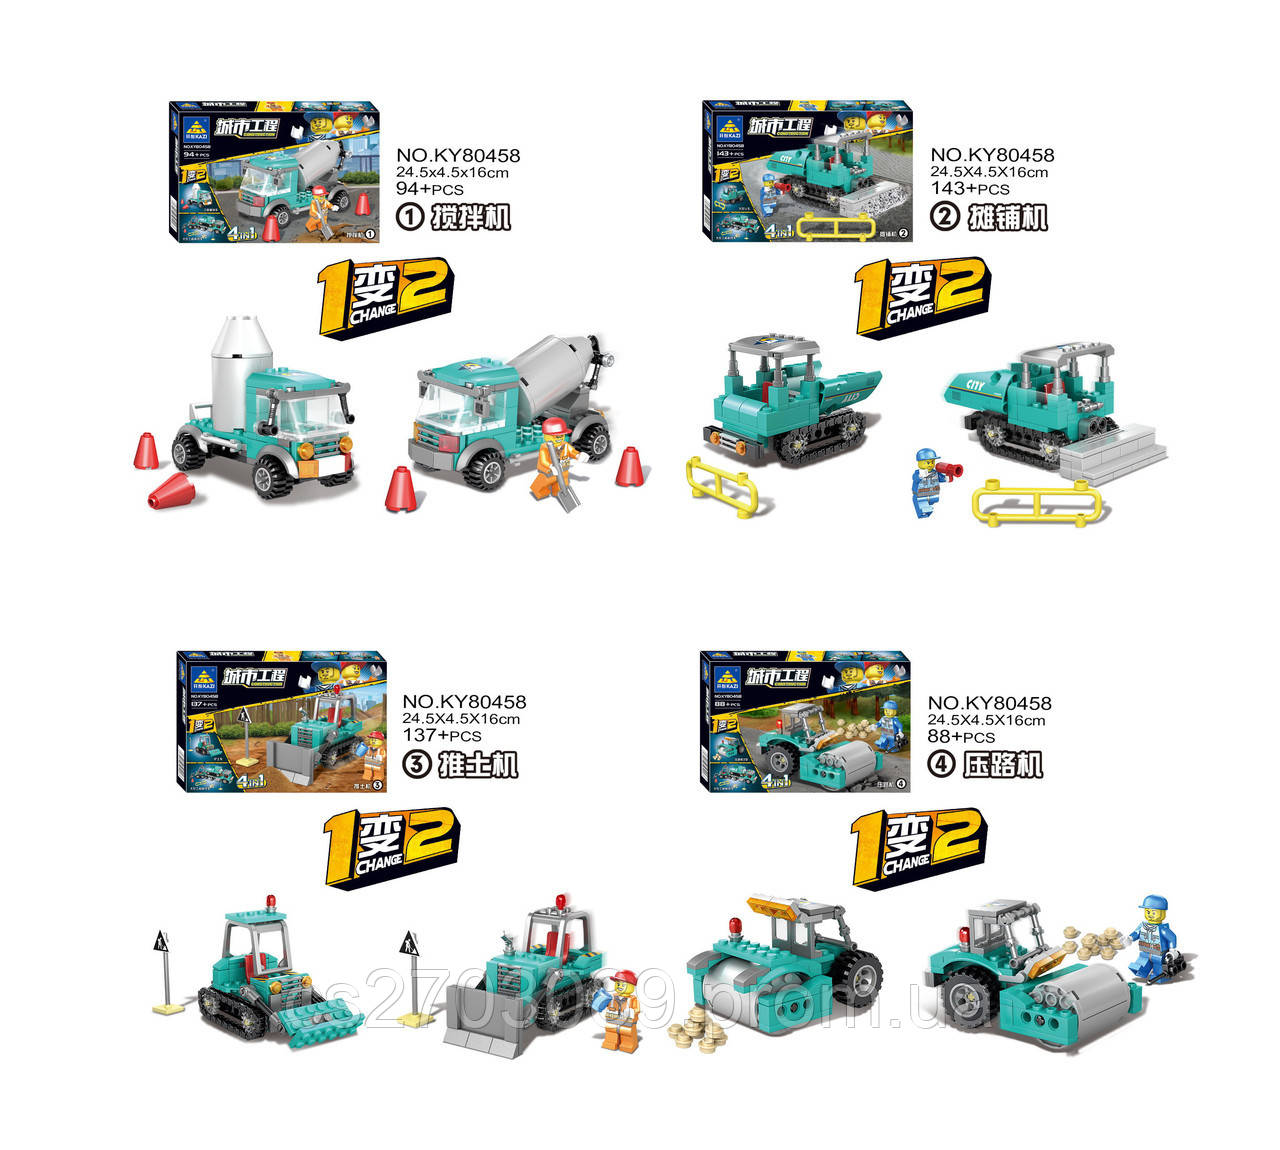 Конструктор строительные машины